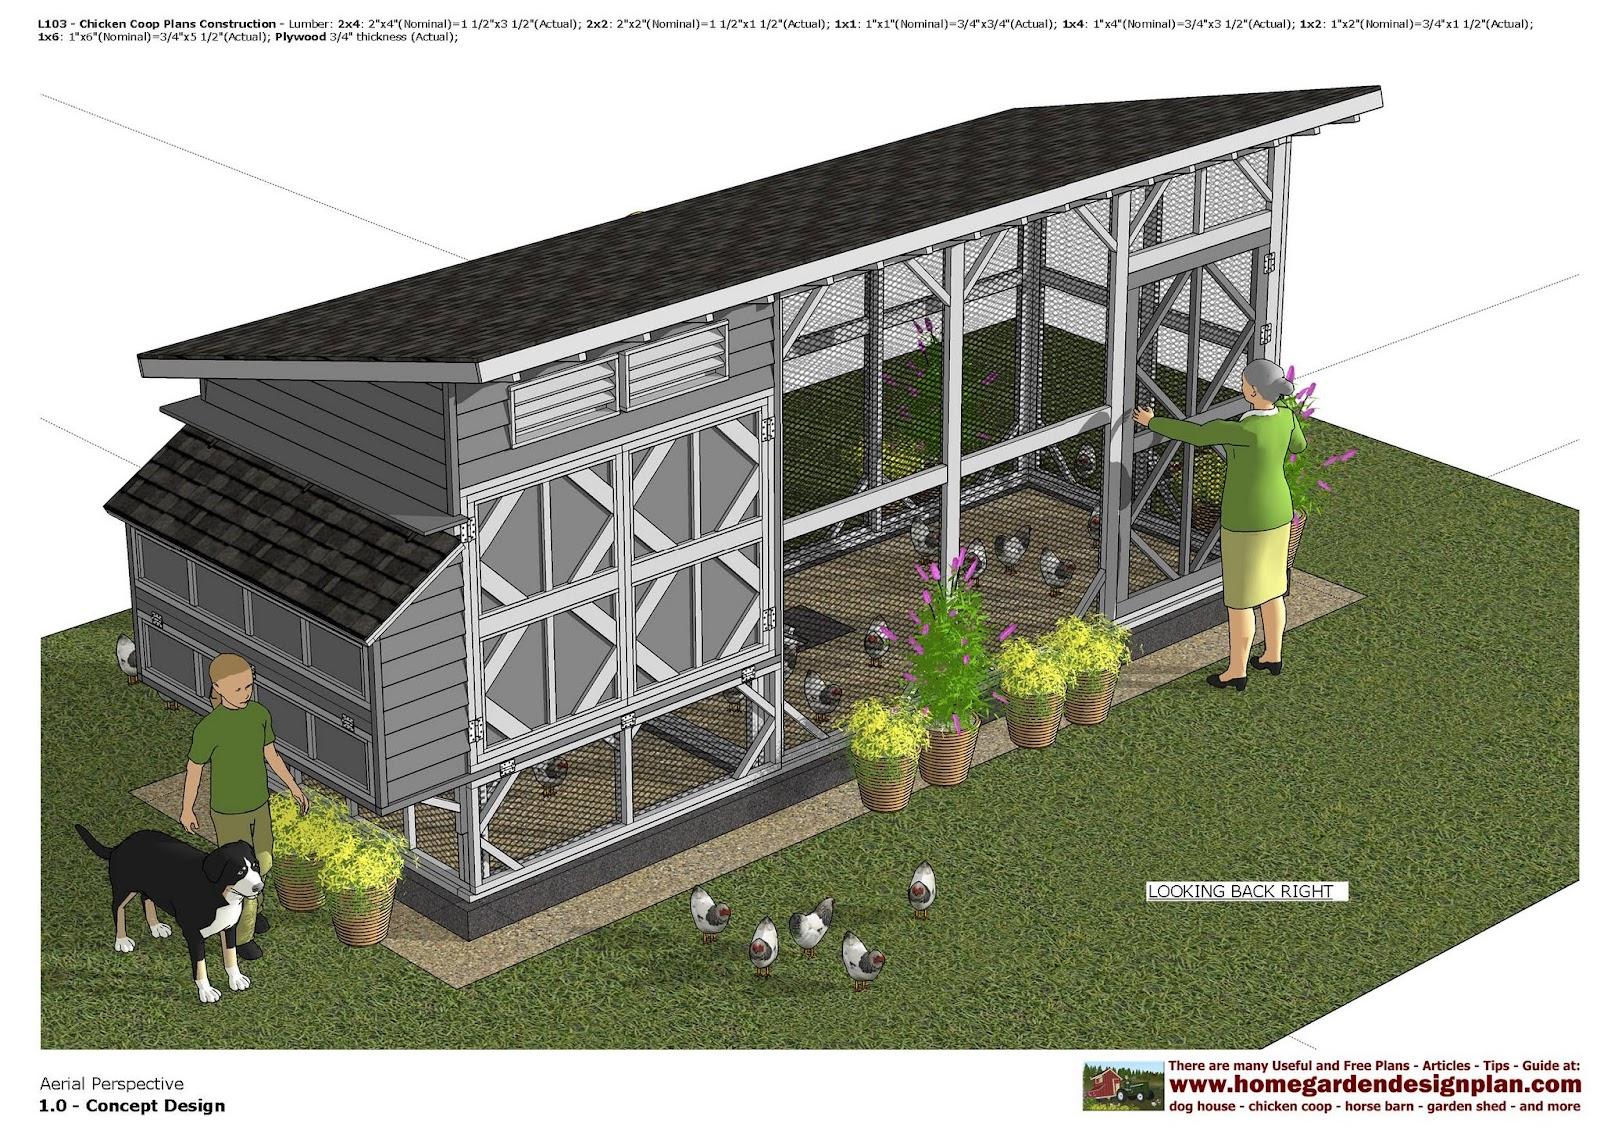 Home garden plans l103 chicken coop plans chicken for Making a chicken coop